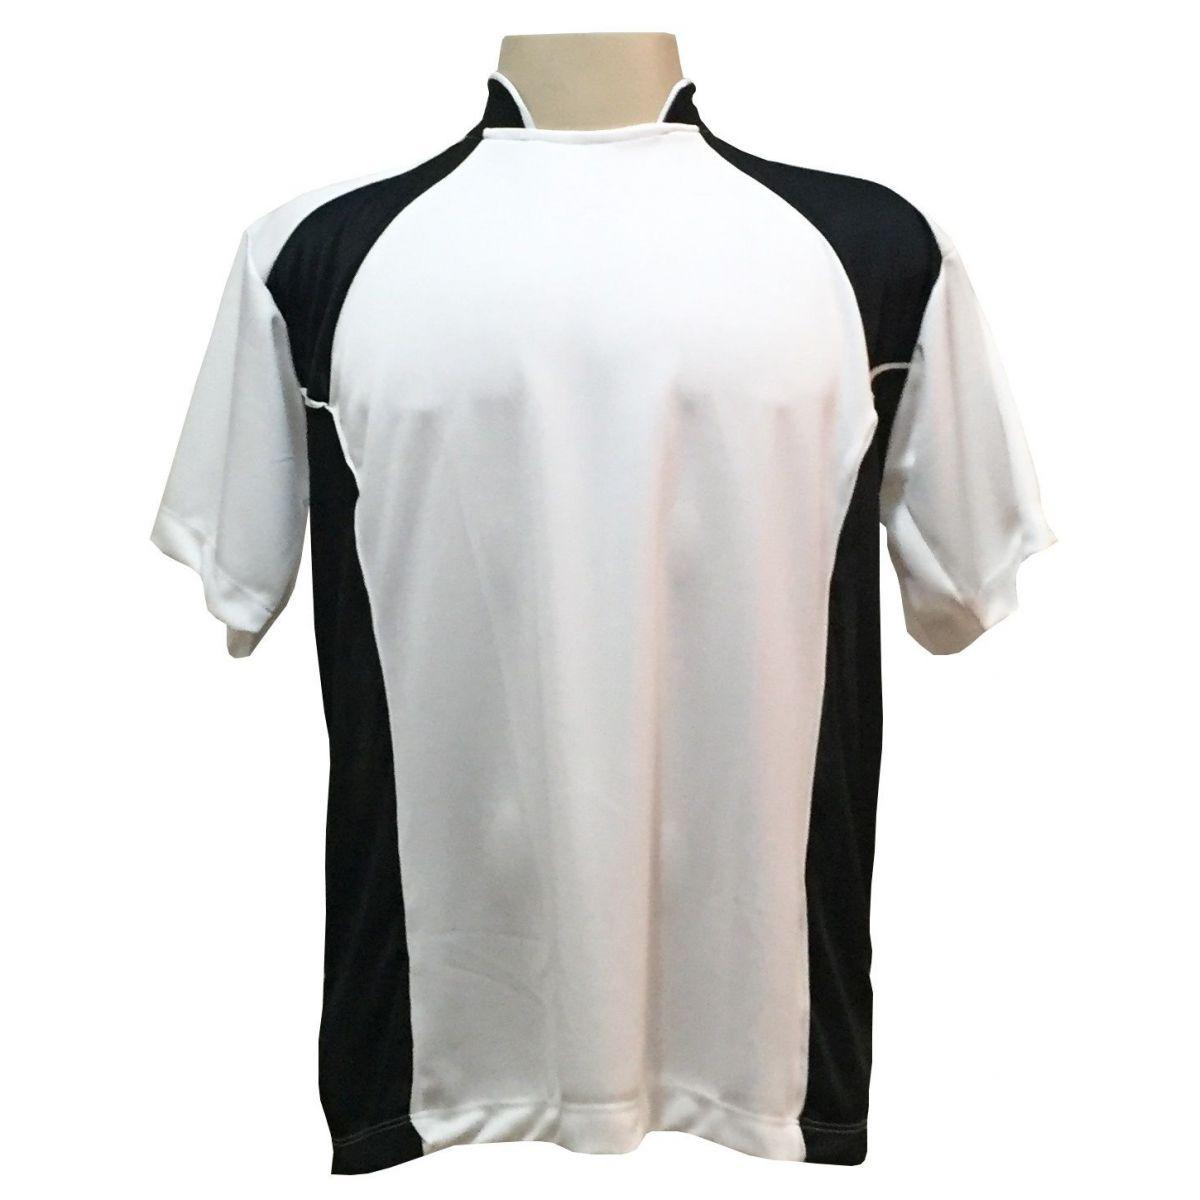 Jogo de Camisa com 14 unidades modelo Suécia Branco/Preto + Brindes